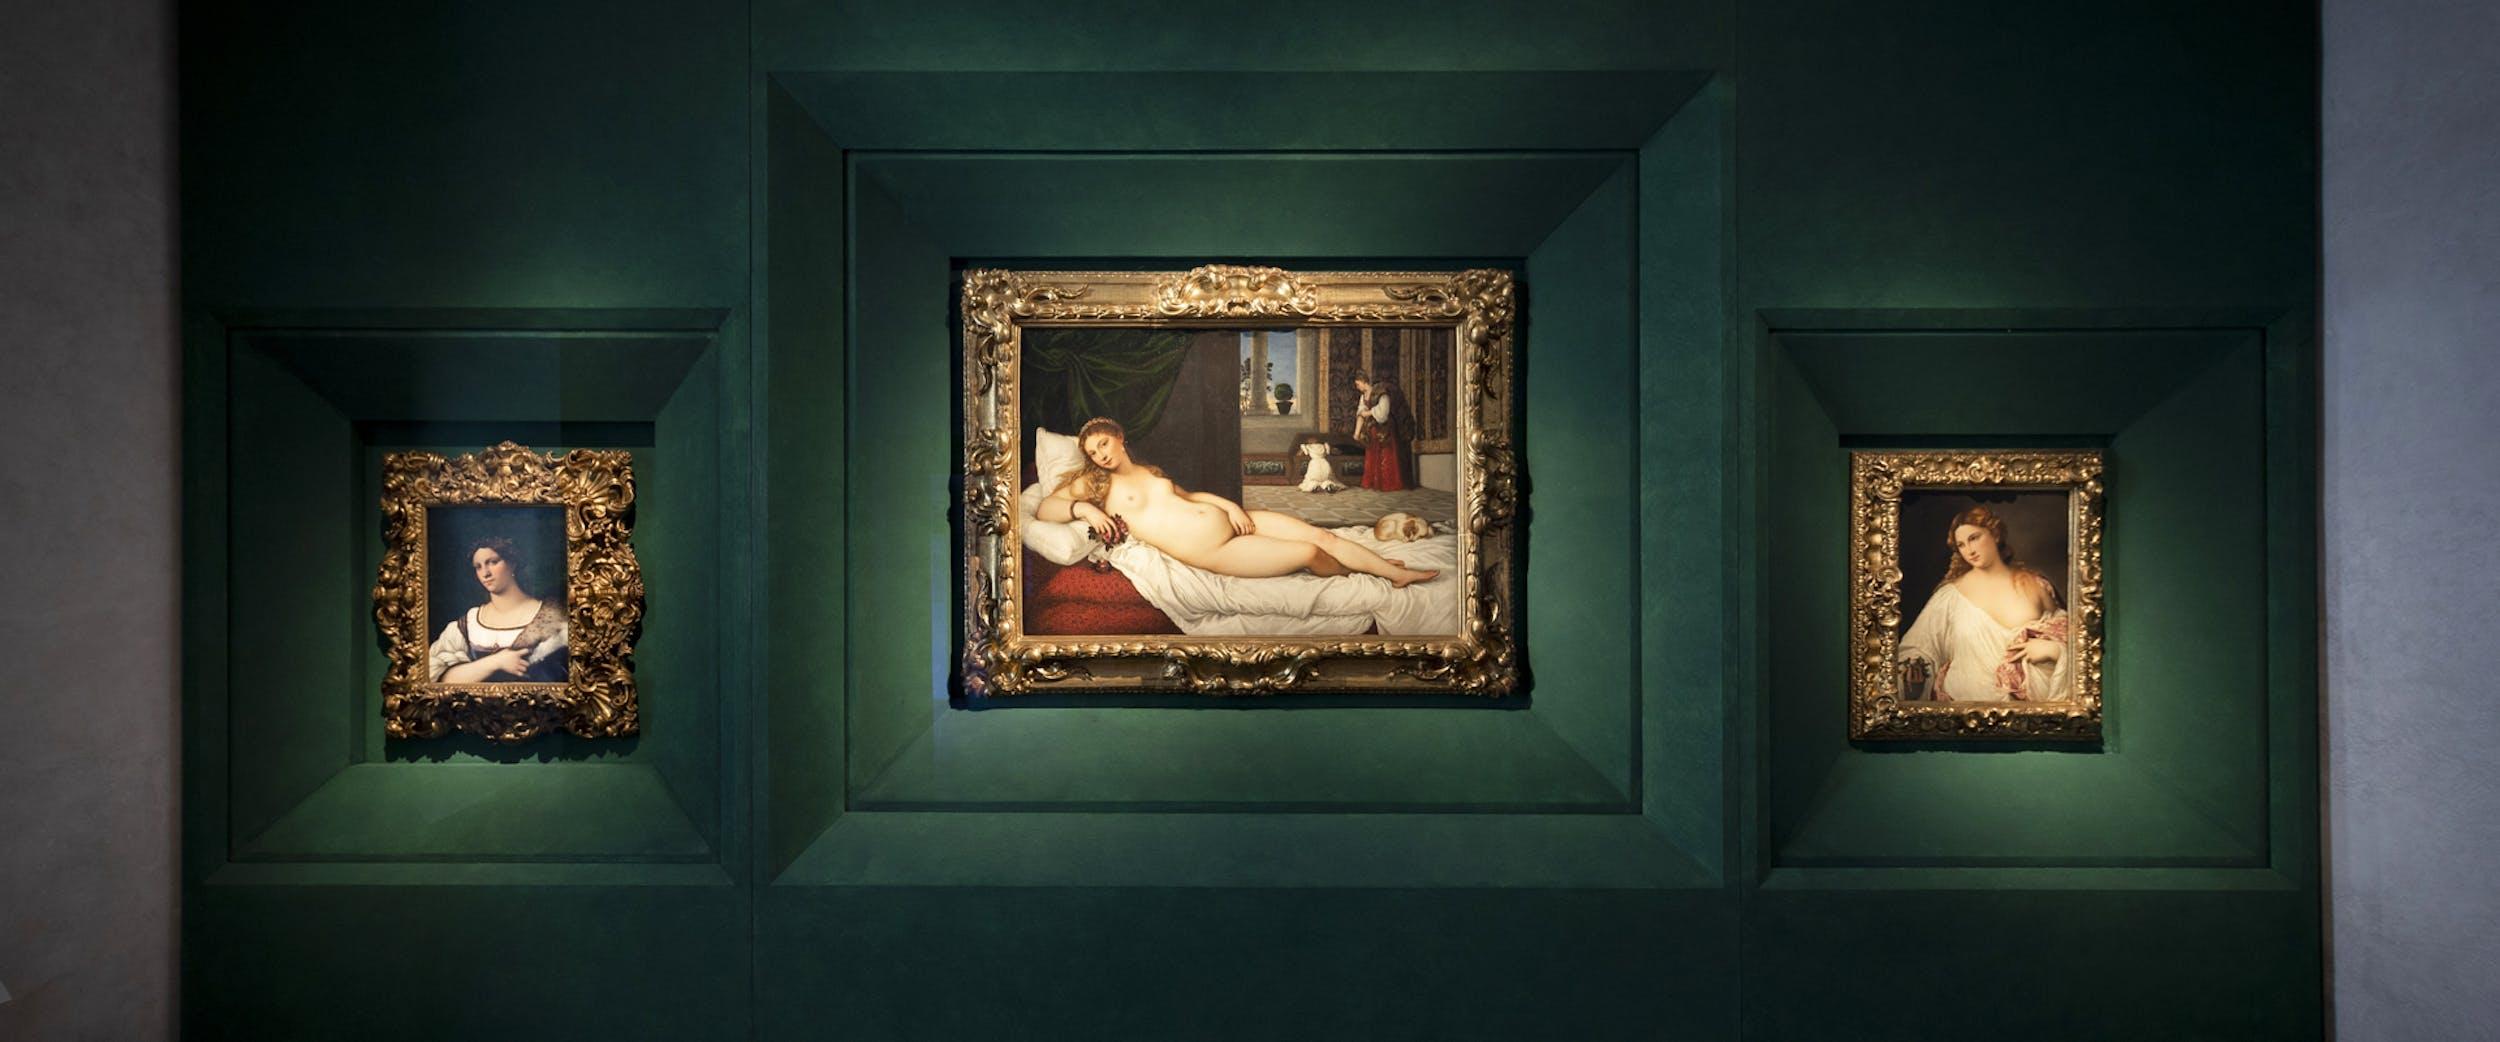 da sinistra a destra: Ritratto della 'Fornarina' di Sebastiano del Piombo, la Venere di Urbino e Flora di Tiziano